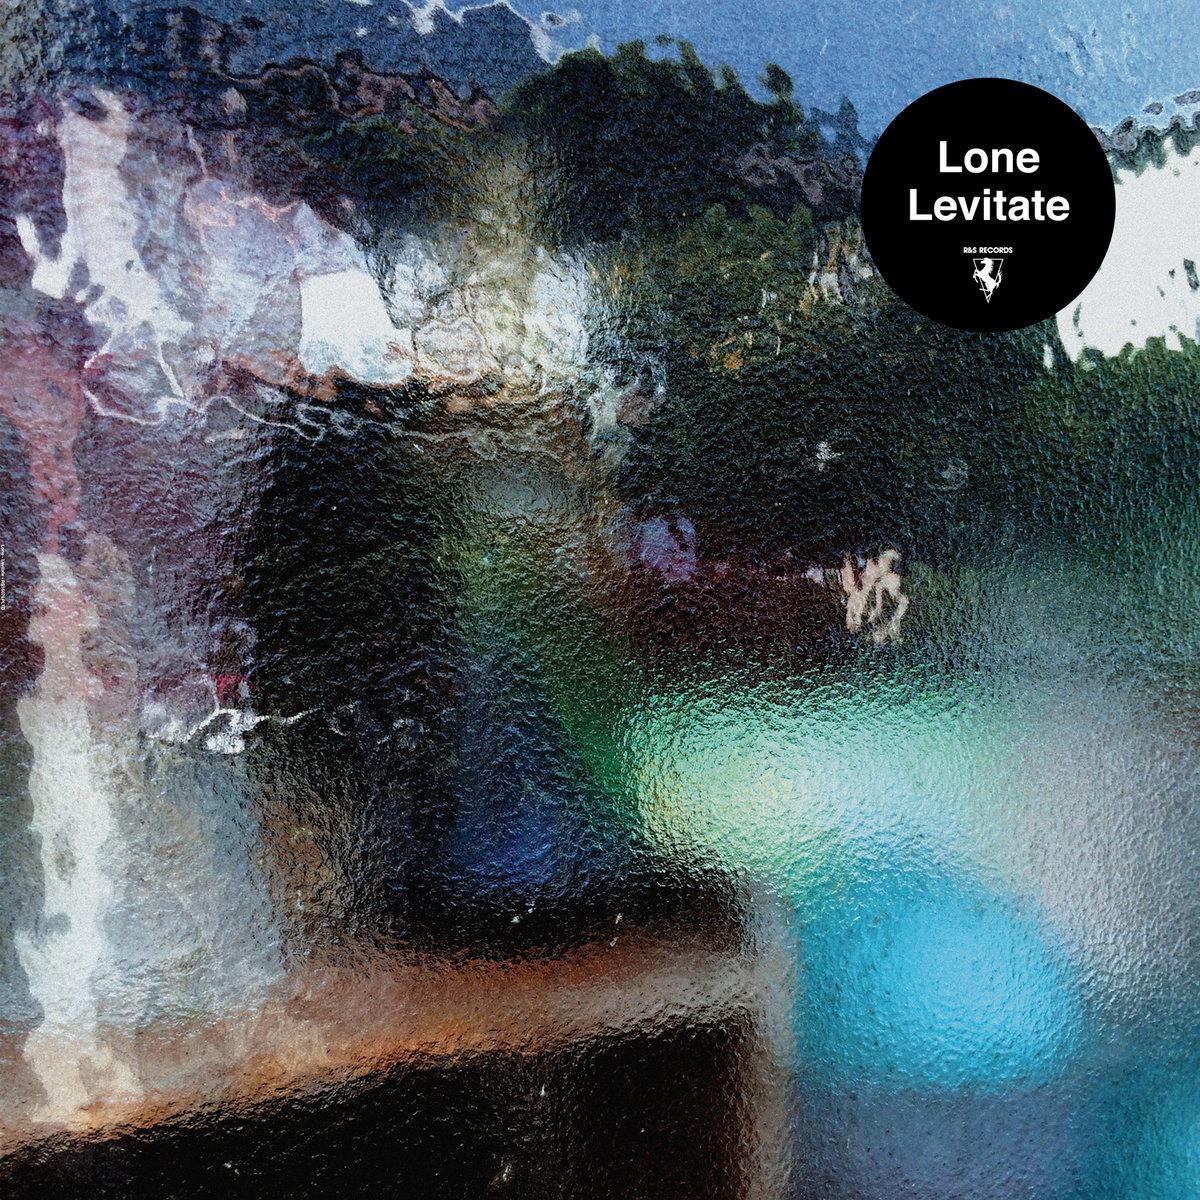 lone_levitate